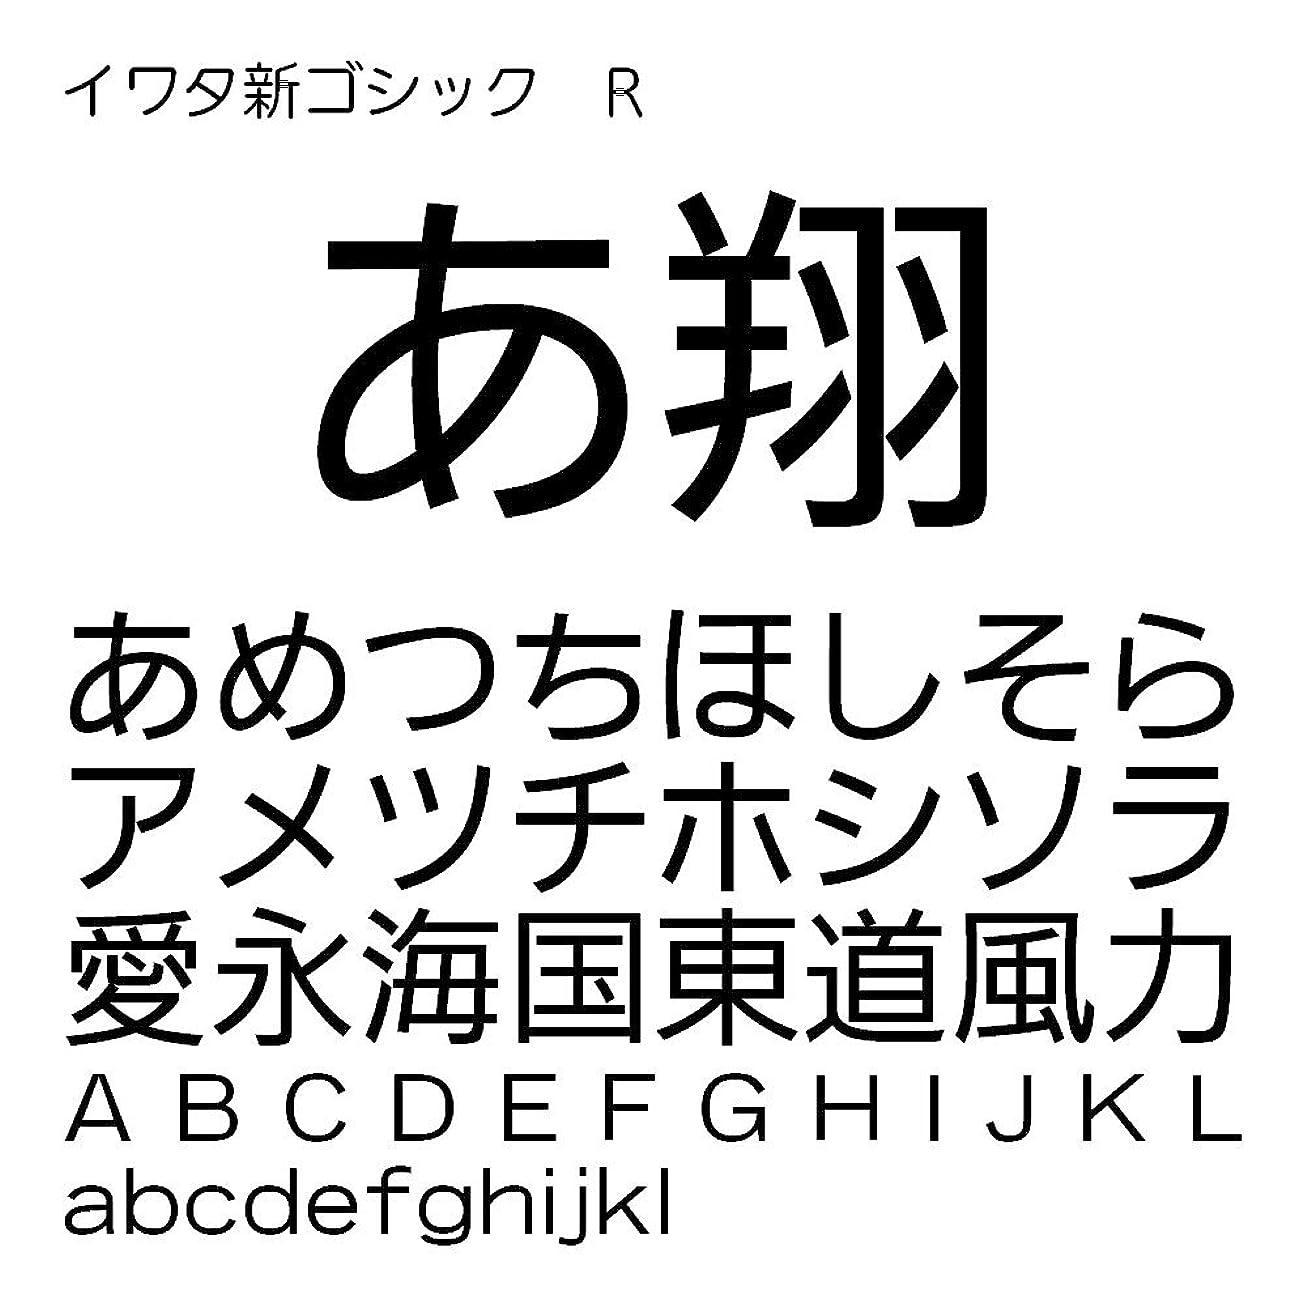 チラチラする判定仕立て屋イワタ新ゴシック体R TrueType Font for Windows [ダウンロード]